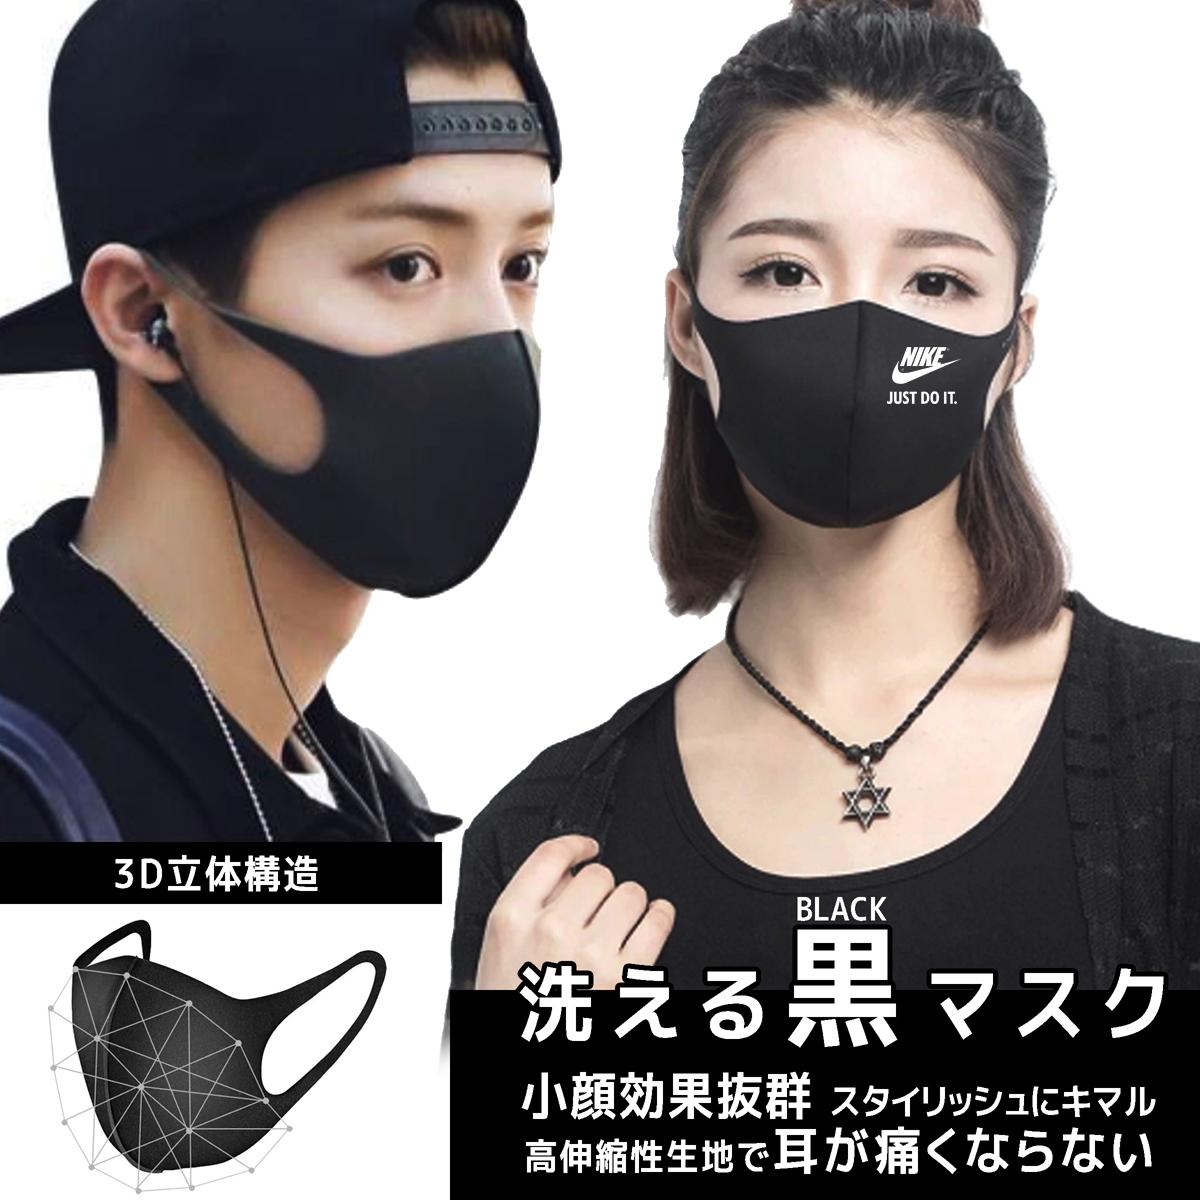 ハイブランドナイキ洗えるマスク3D立体マスク